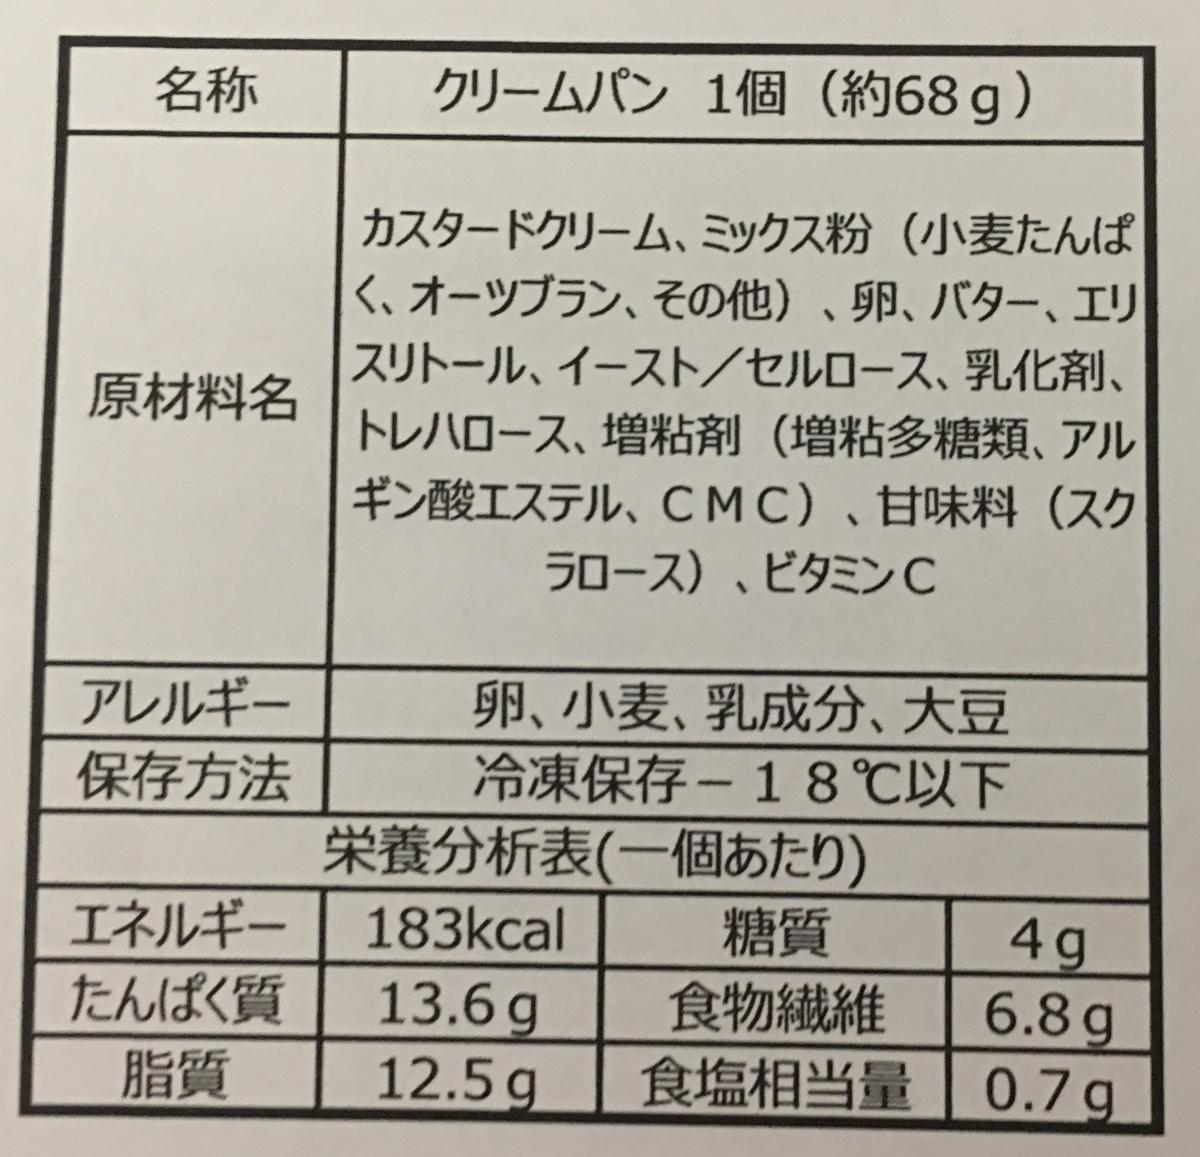 f:id:YOSHIO1010:20201228001240j:plain